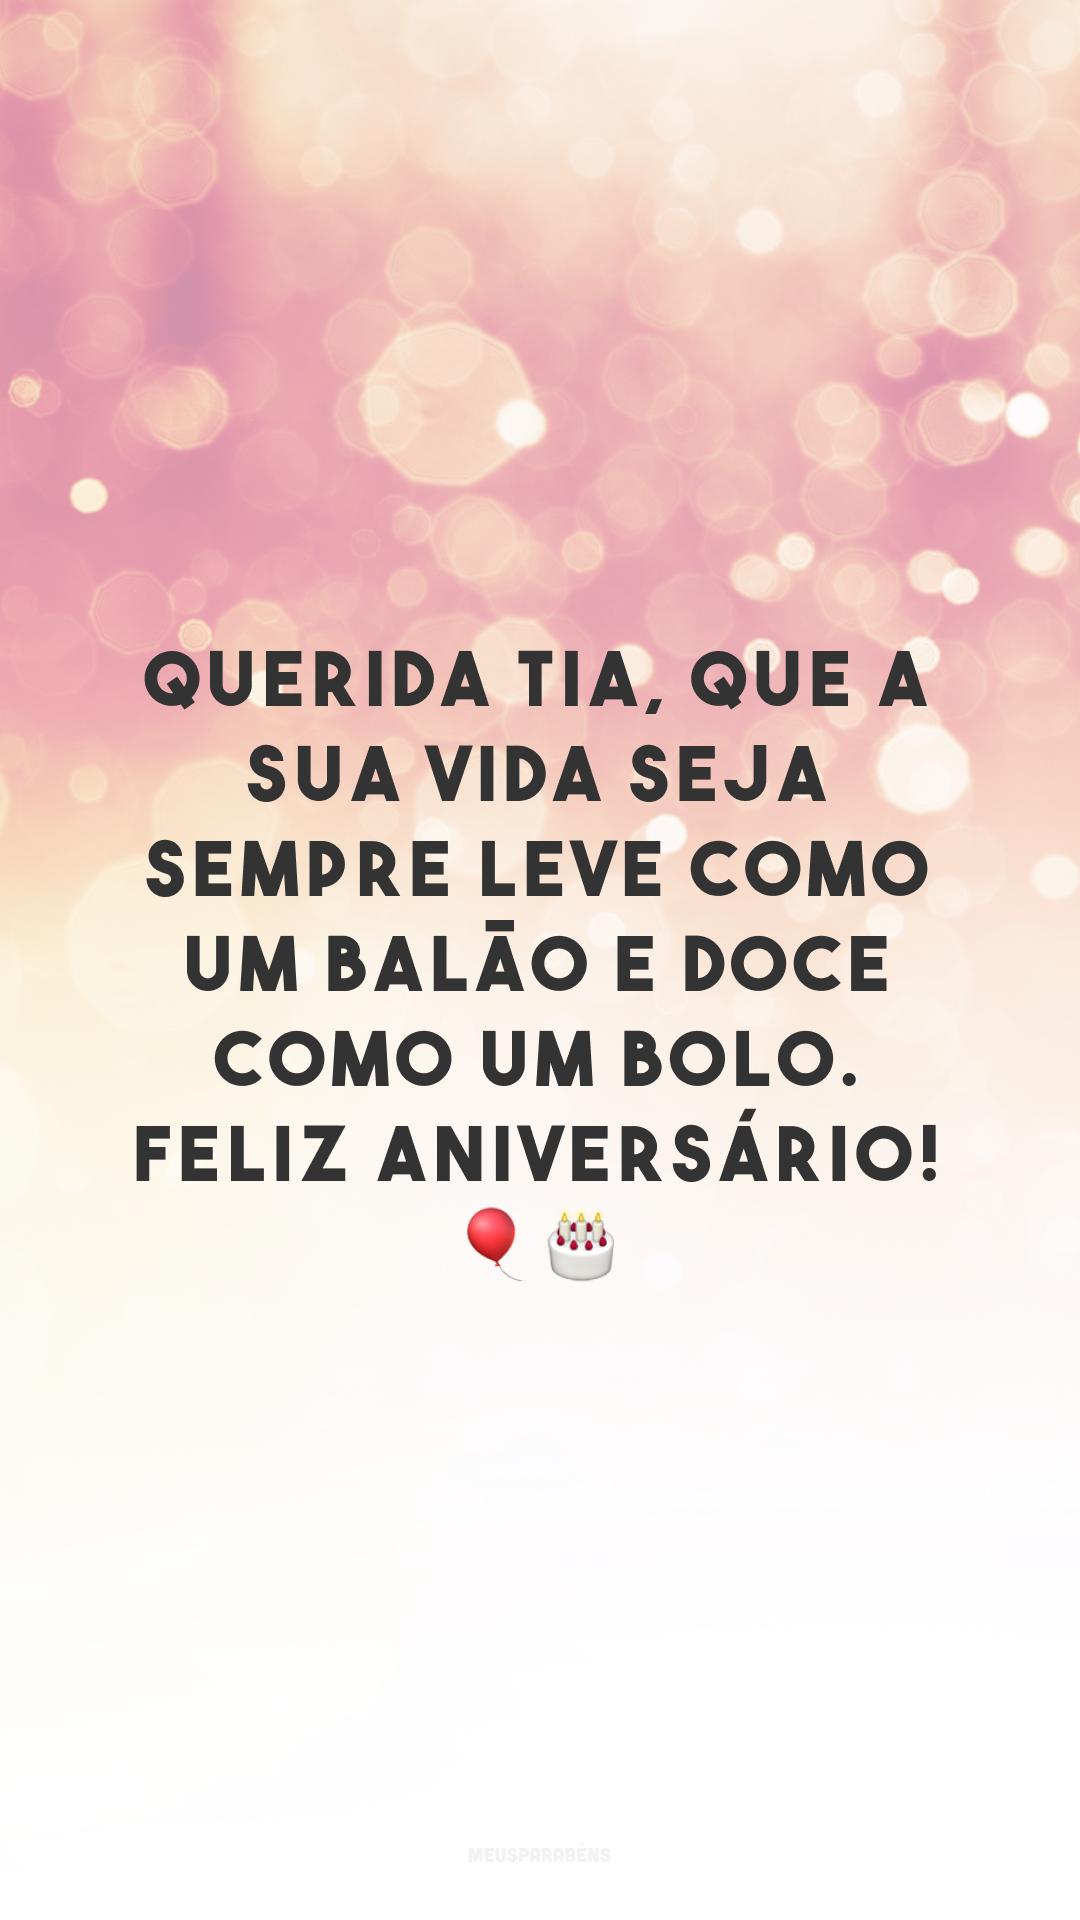 Querida tia, que a sua vida seja sempre leve como um balão e doce como um bolo. Feliz aniversário! 🎈🎂